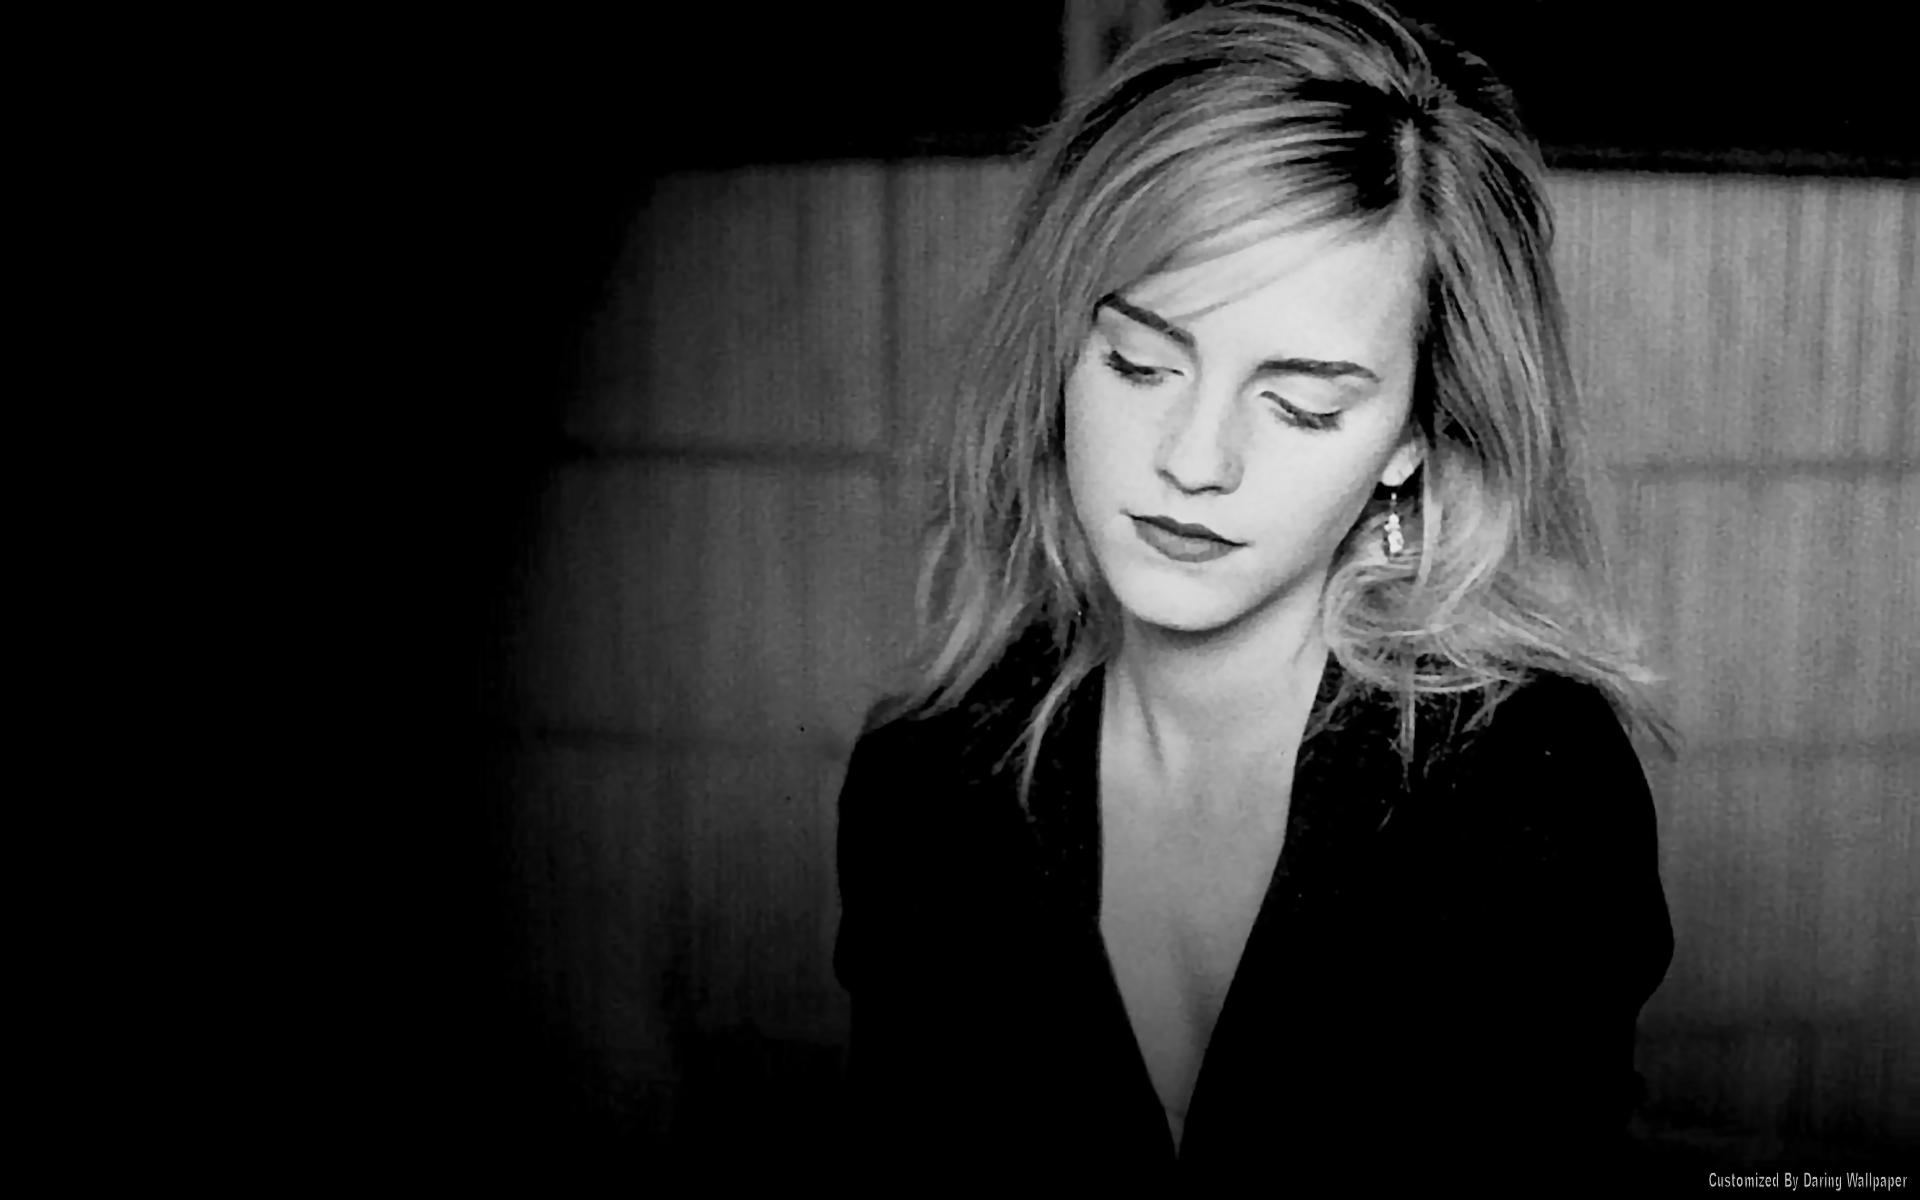 Emma Watson Wallpaper emma watson 20011787 1920 1200jpg 1920x1200